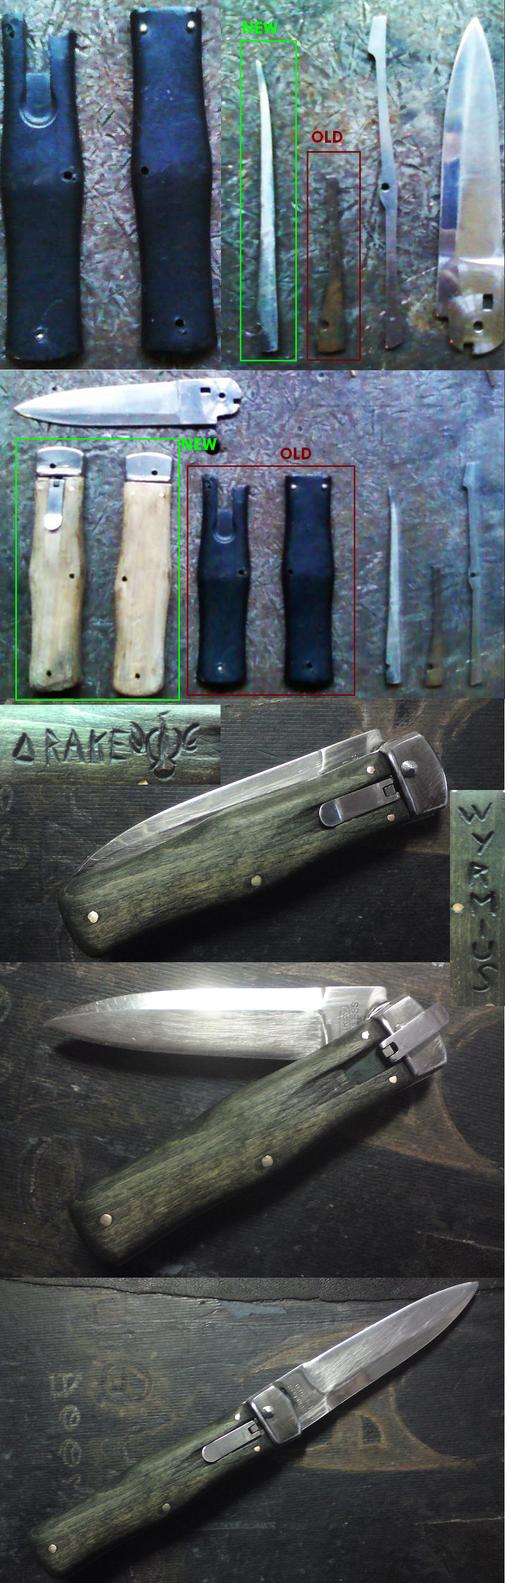 Knife repairing - Chrysalis style by JoeWere